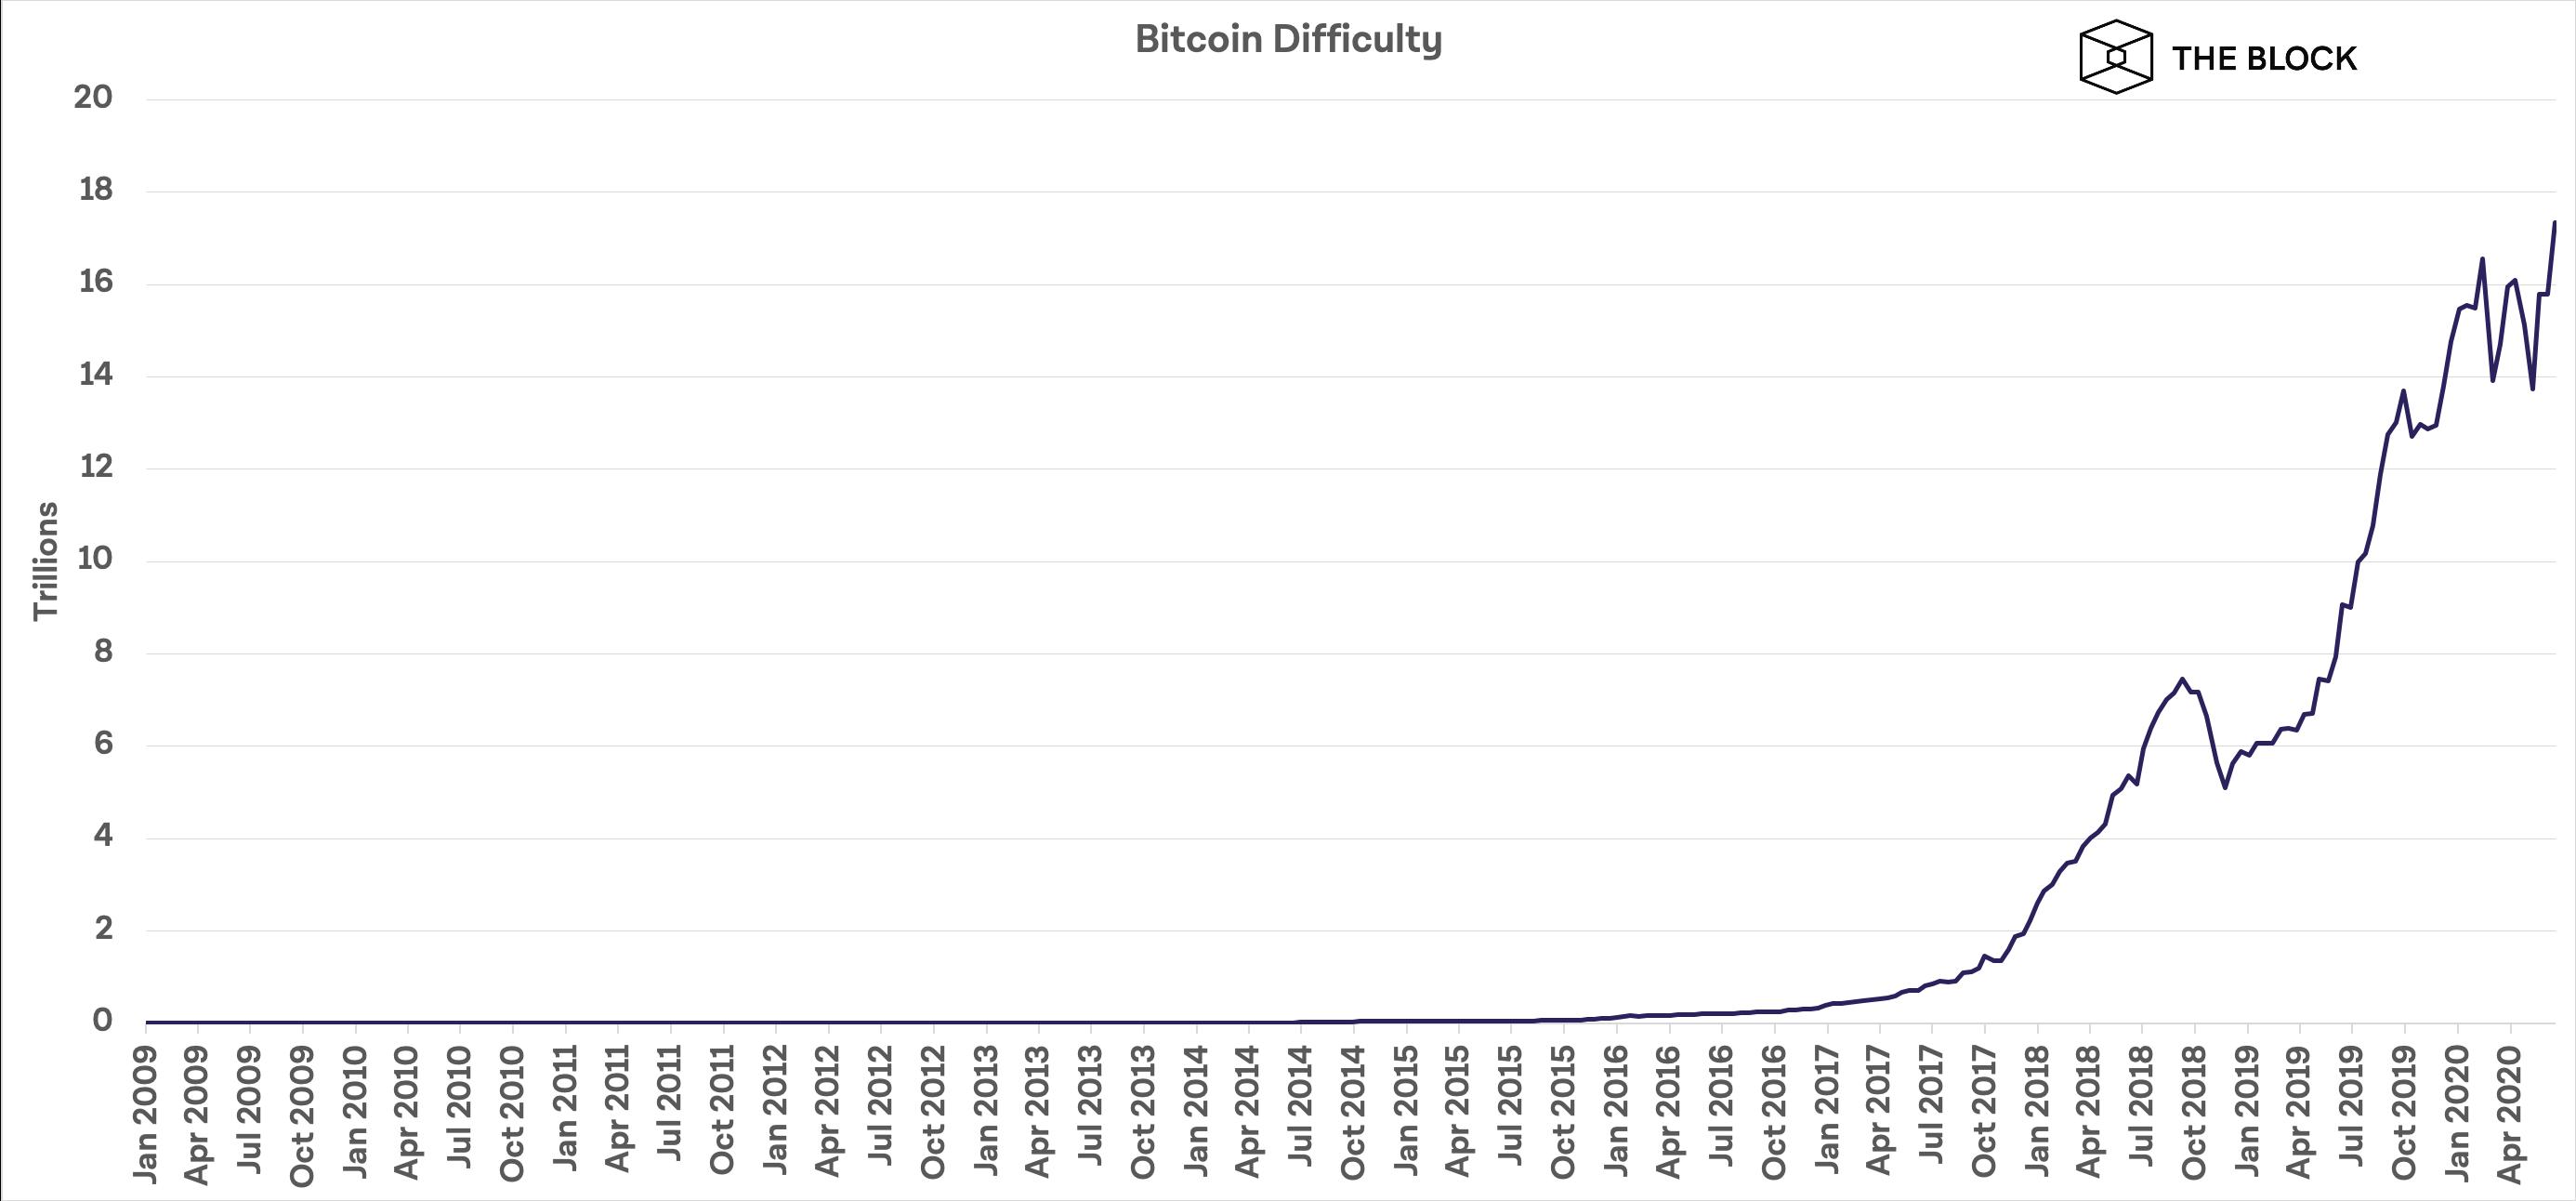 Độ khó trong khai thác bitcoin đạt kỉ lục mới (nguồn: the Block)